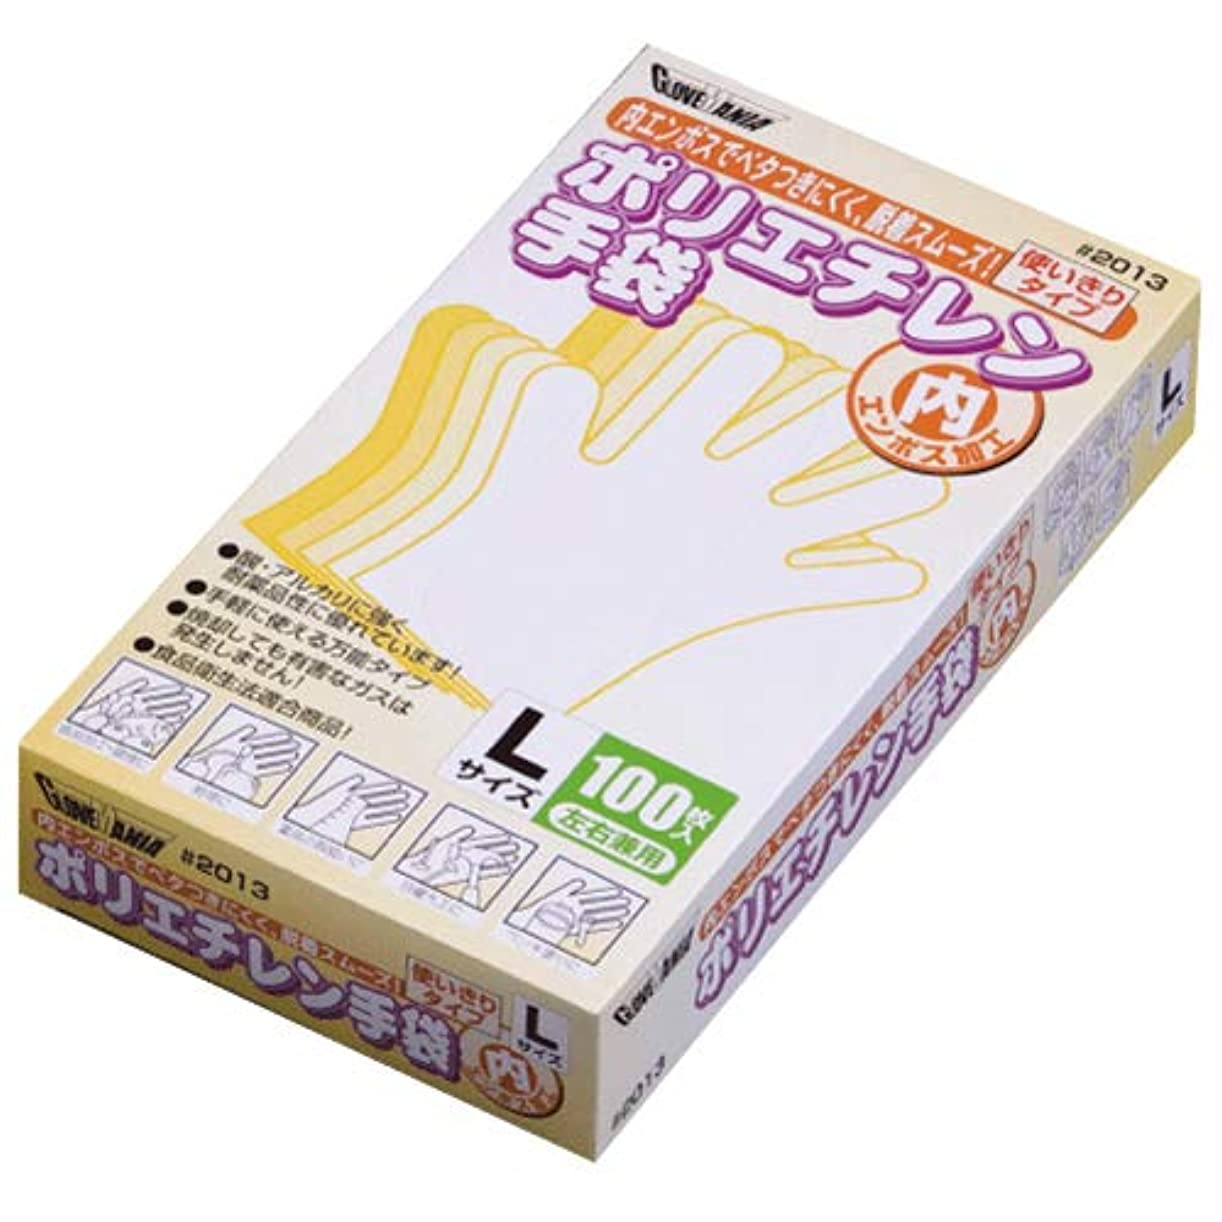 非アクティブ翻訳者反逆川西工業 ポリエチレン手袋 内エンボス L 100枚×40